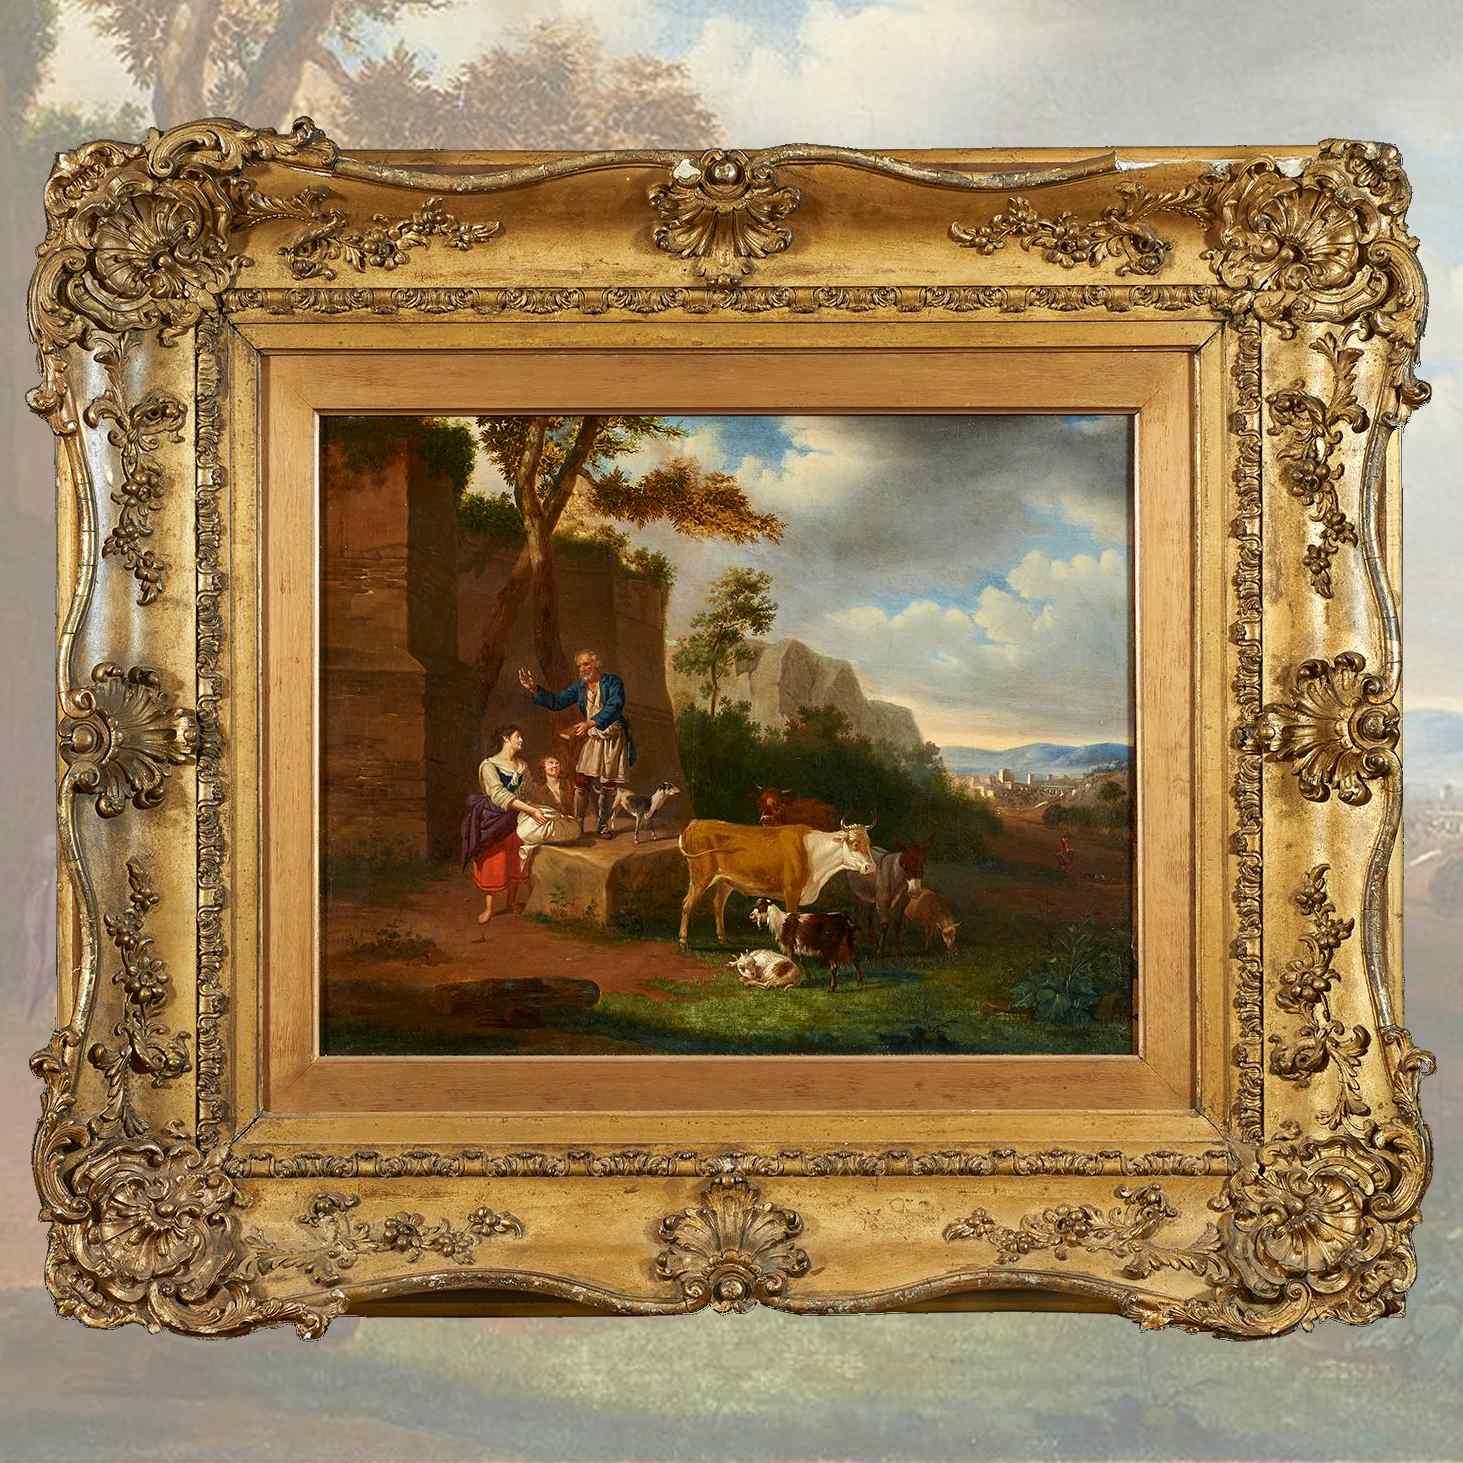 Antico Paesaggio con Figure, firmato Johann Baptist SCHAETZE